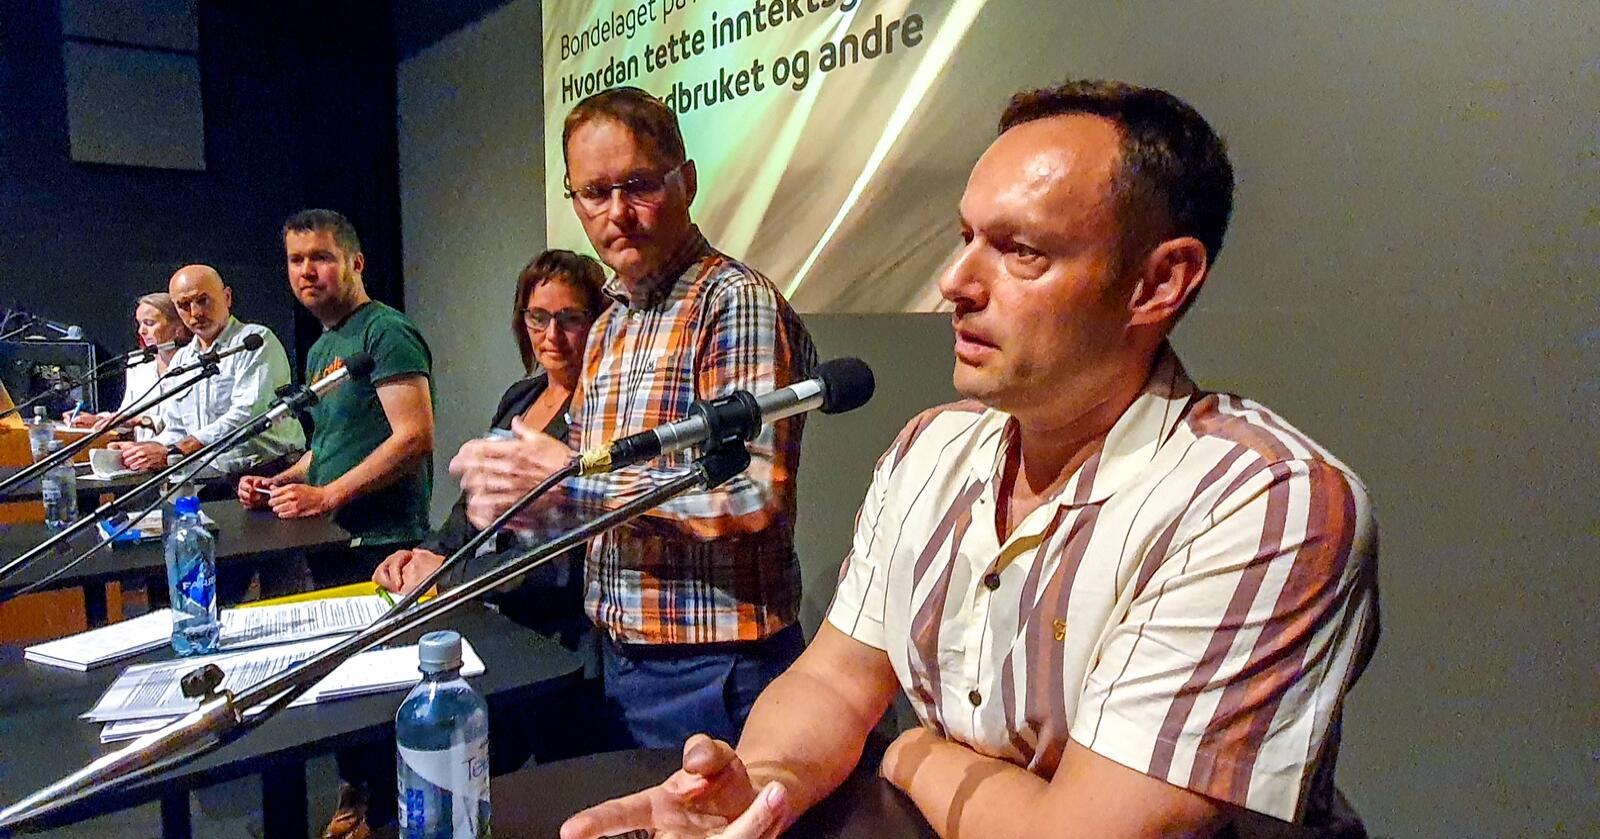 Må være konkrete: Landbrukspolitisk debatt med bl.a. Geir Pollestad (Sp) og Torgeir Knag Fylkesnes (SV). Foto: Eskild Johansen